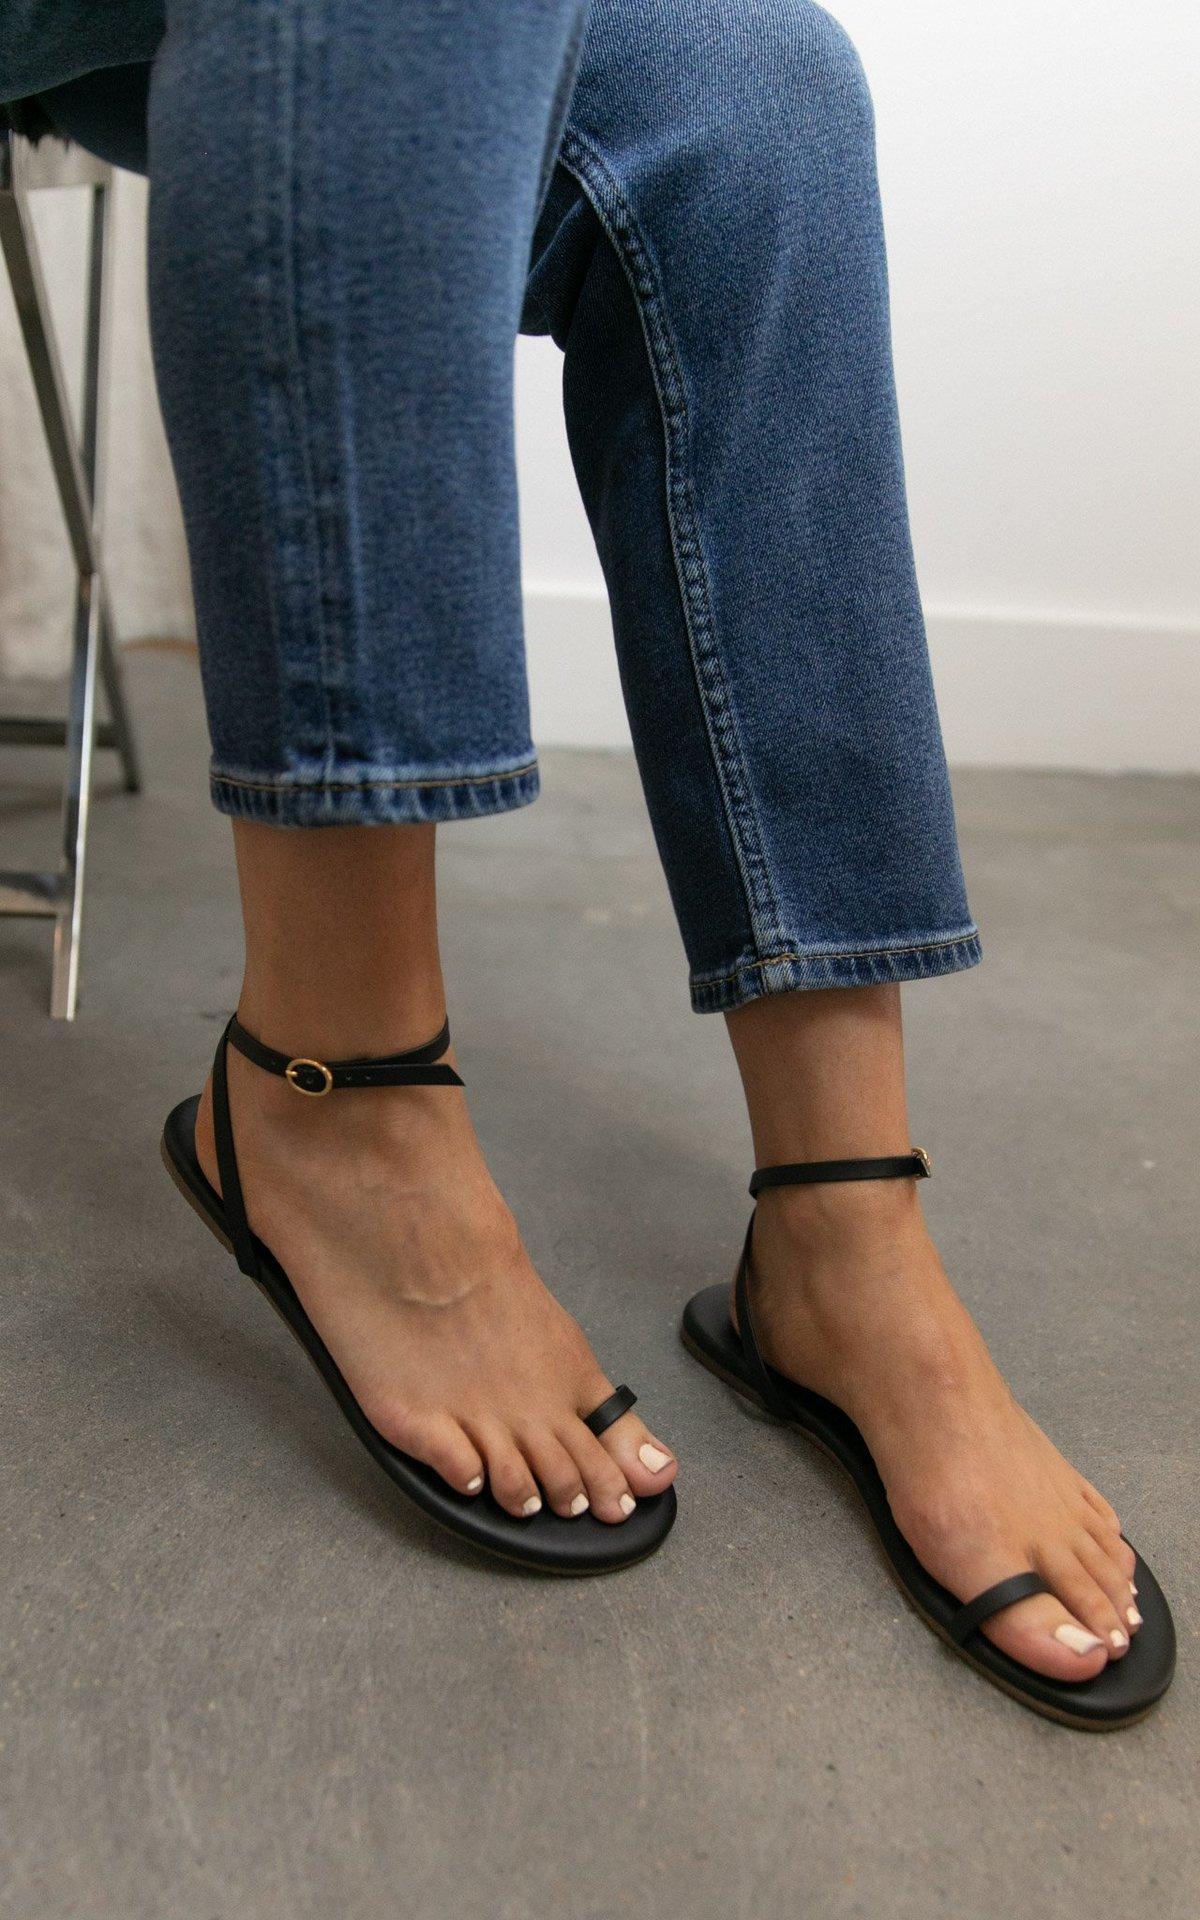 Tkees Phoebe Sandals Black Garmentory